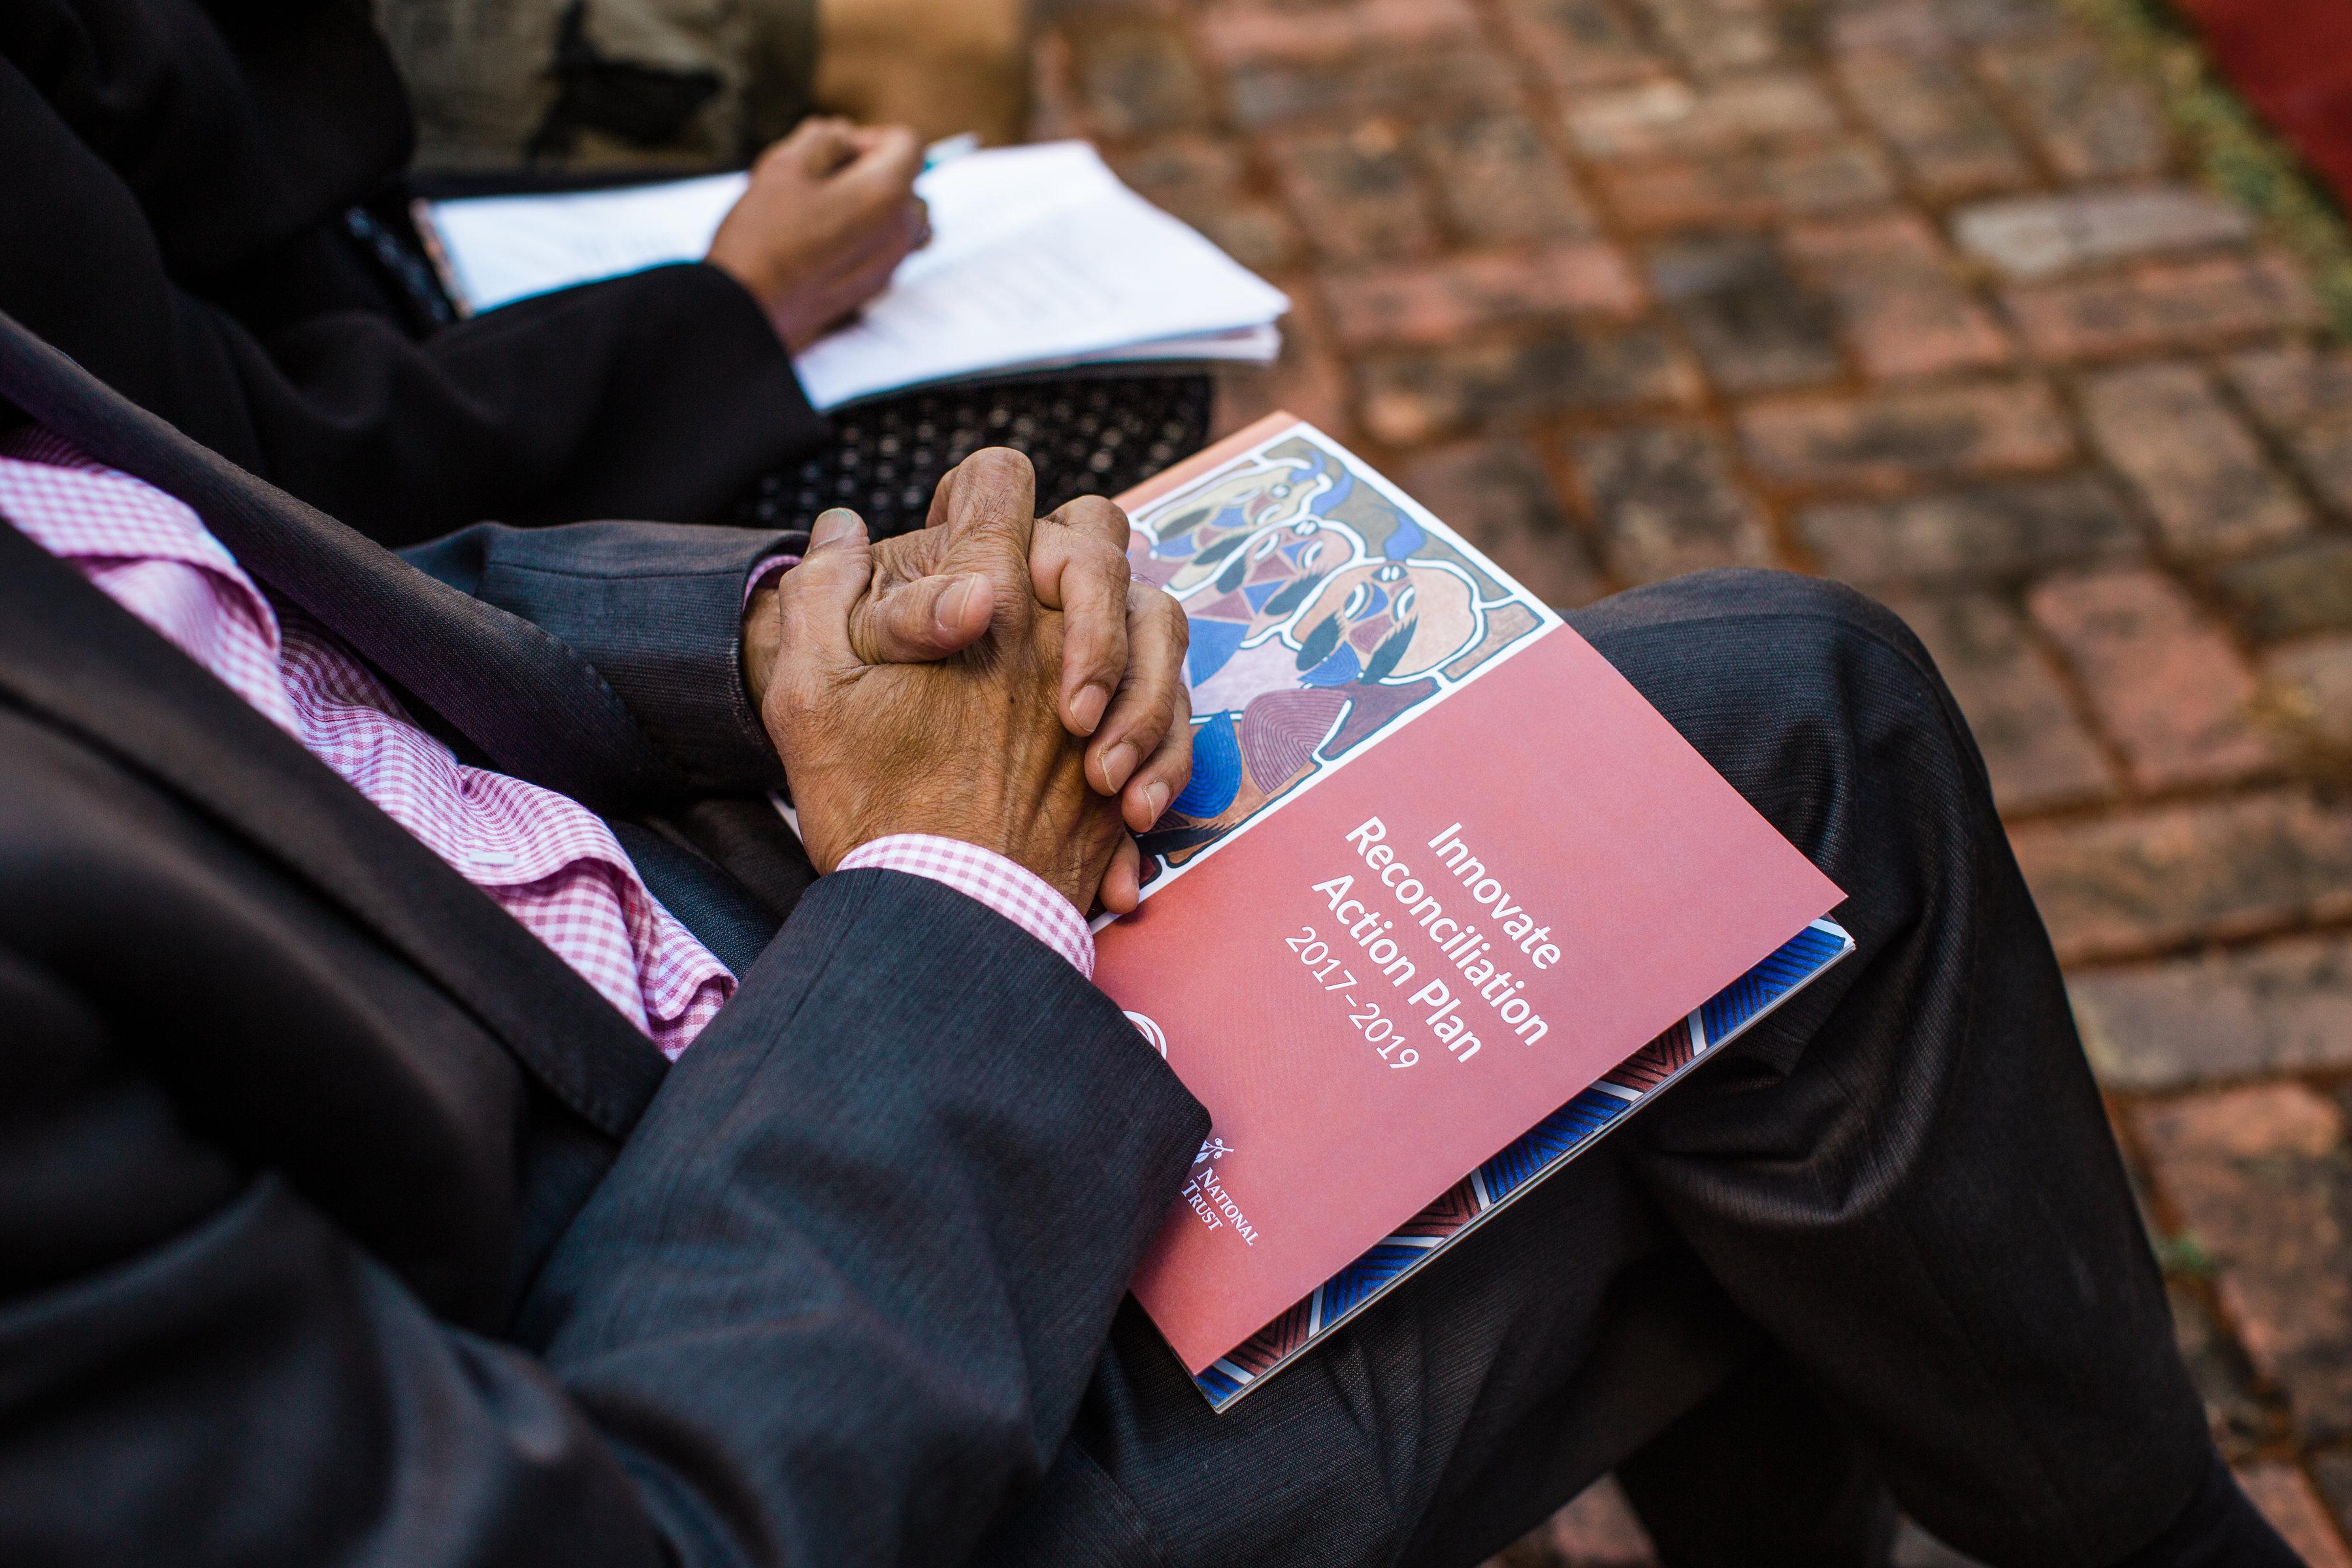 Reconciliation Action Plans